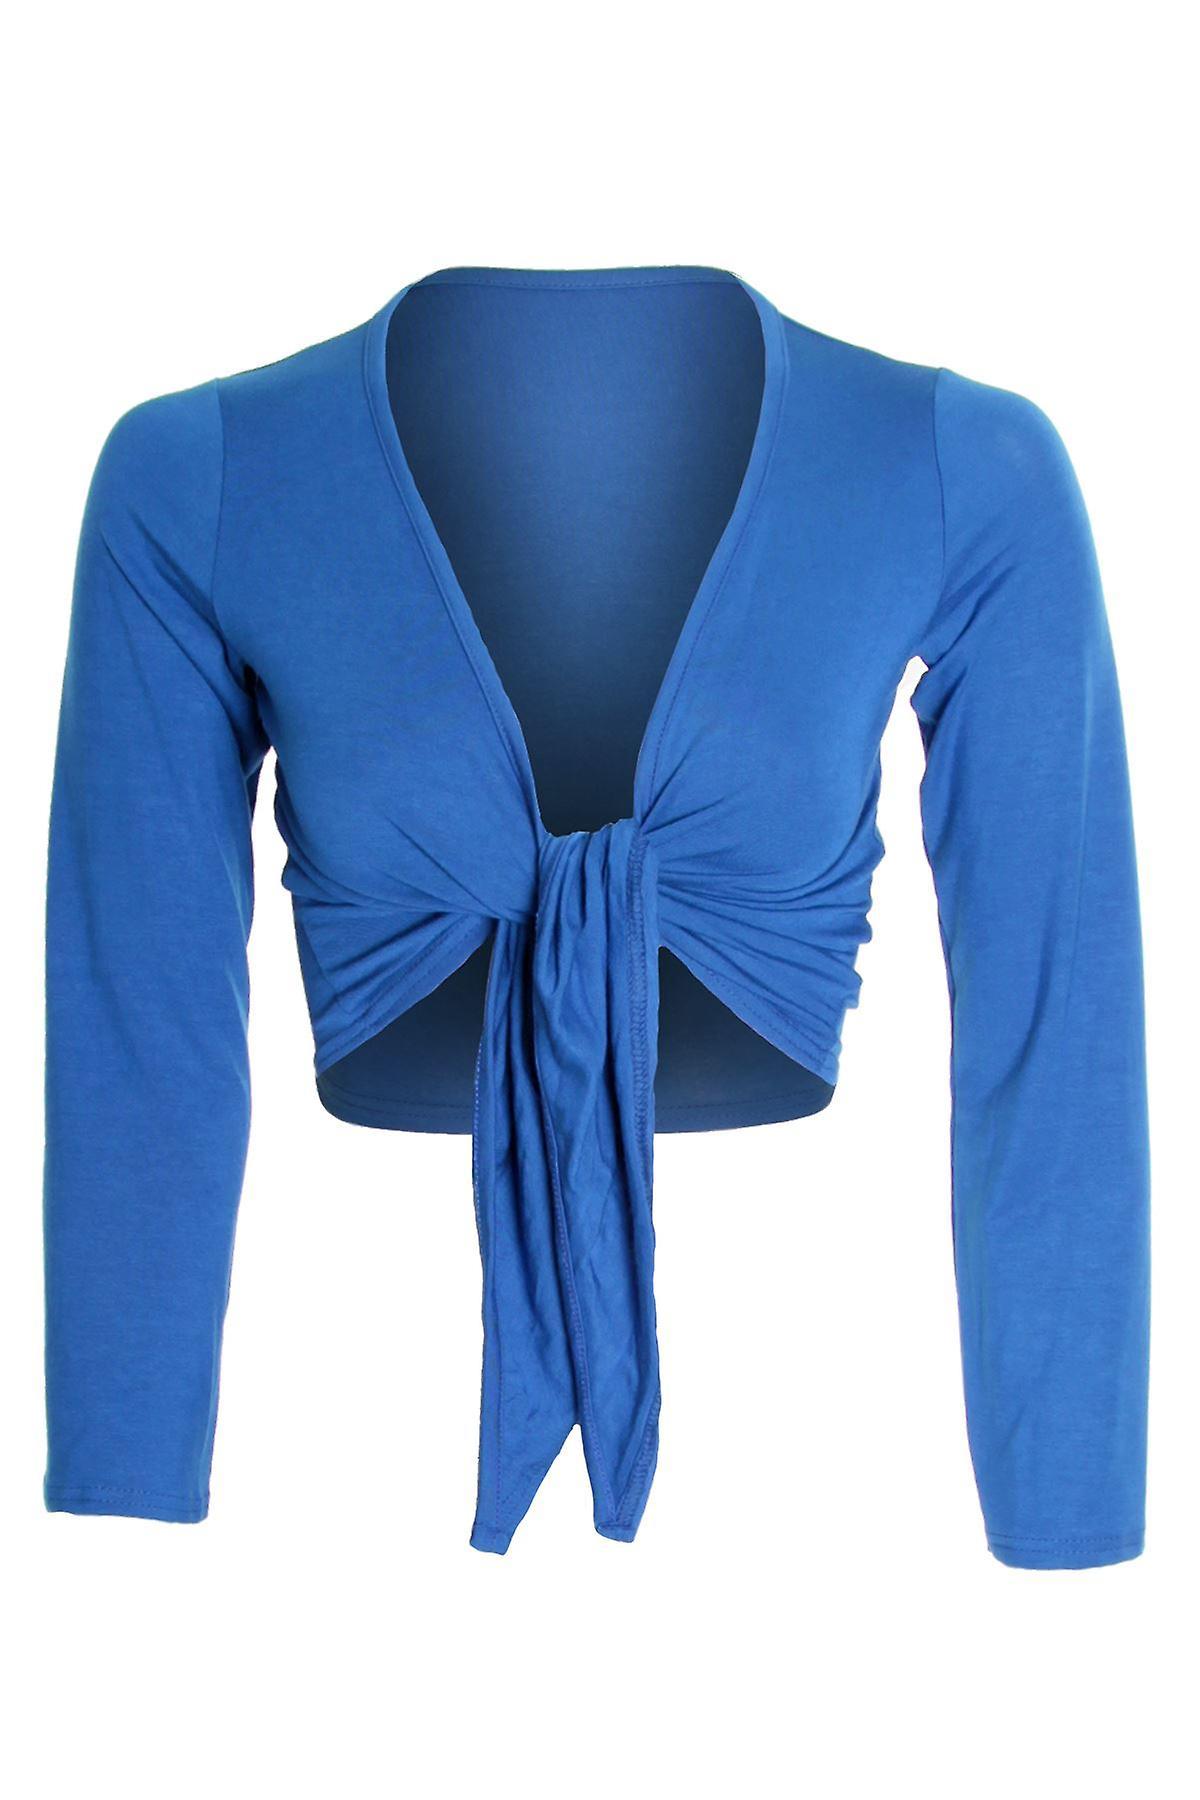 Senhoras manga longa Cardigan Wrap Top cor Bolero bolero feminino de amarrar